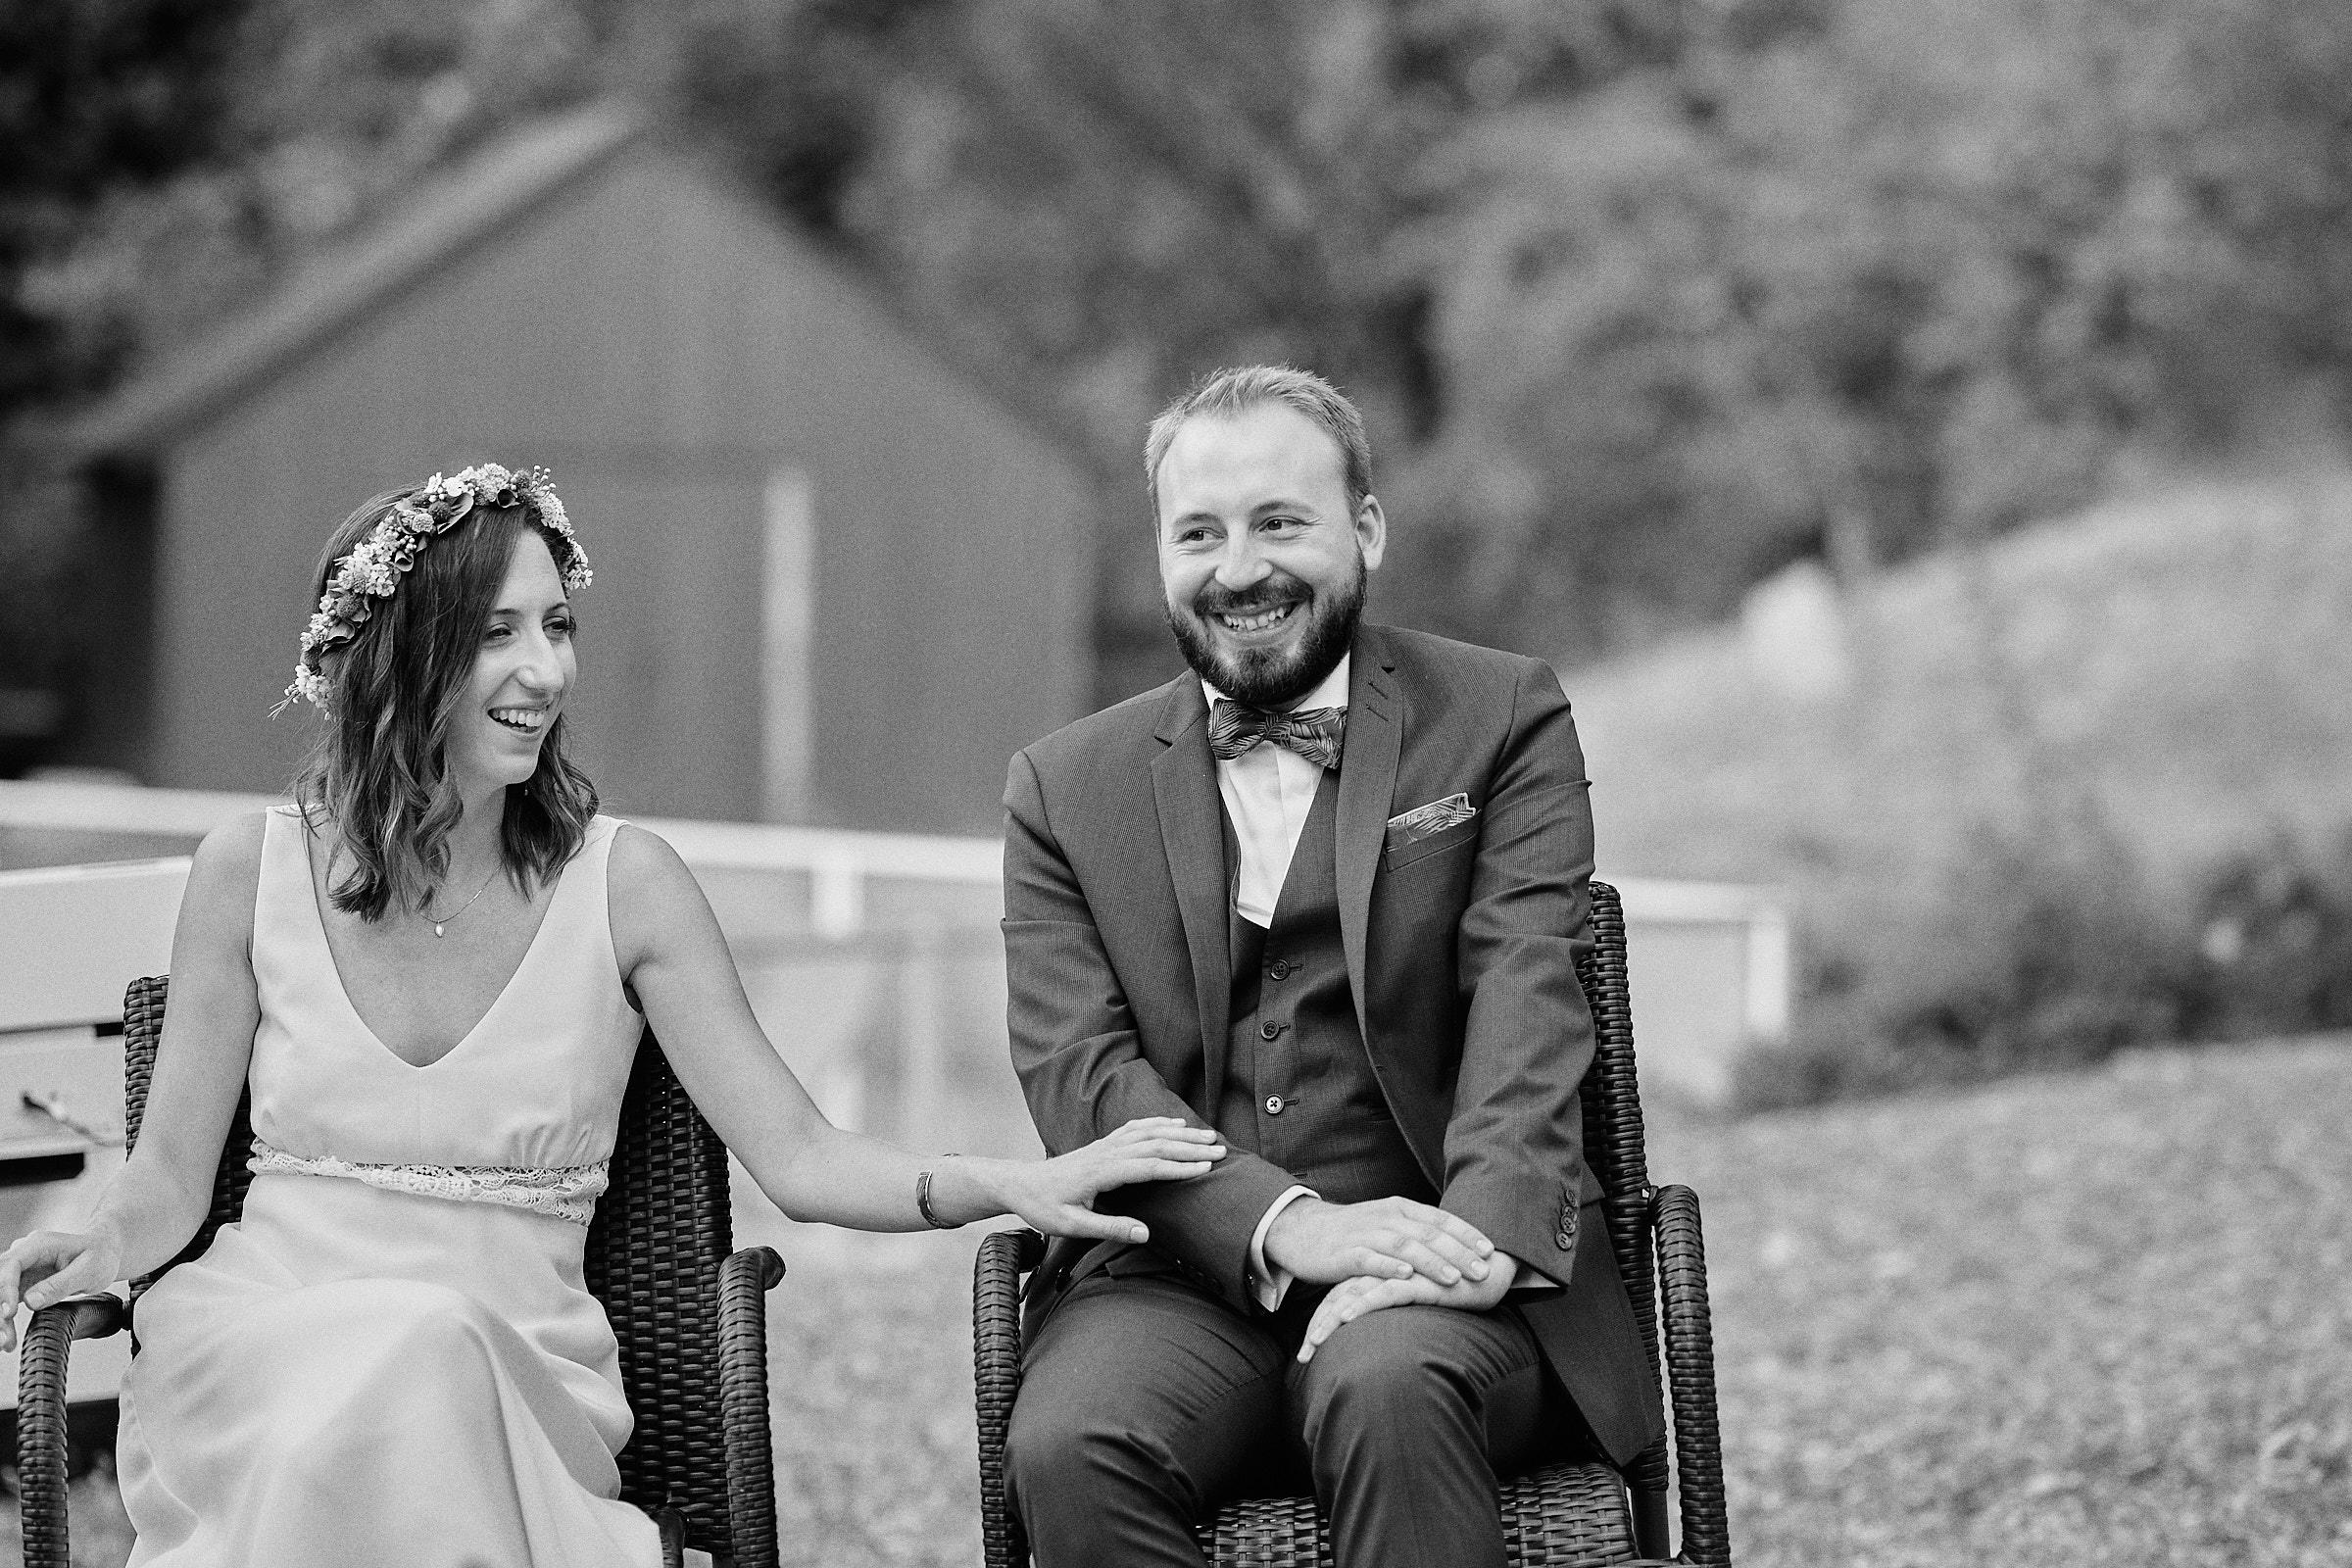 rire des maries lors d'un discours pendant la ceremonie laique